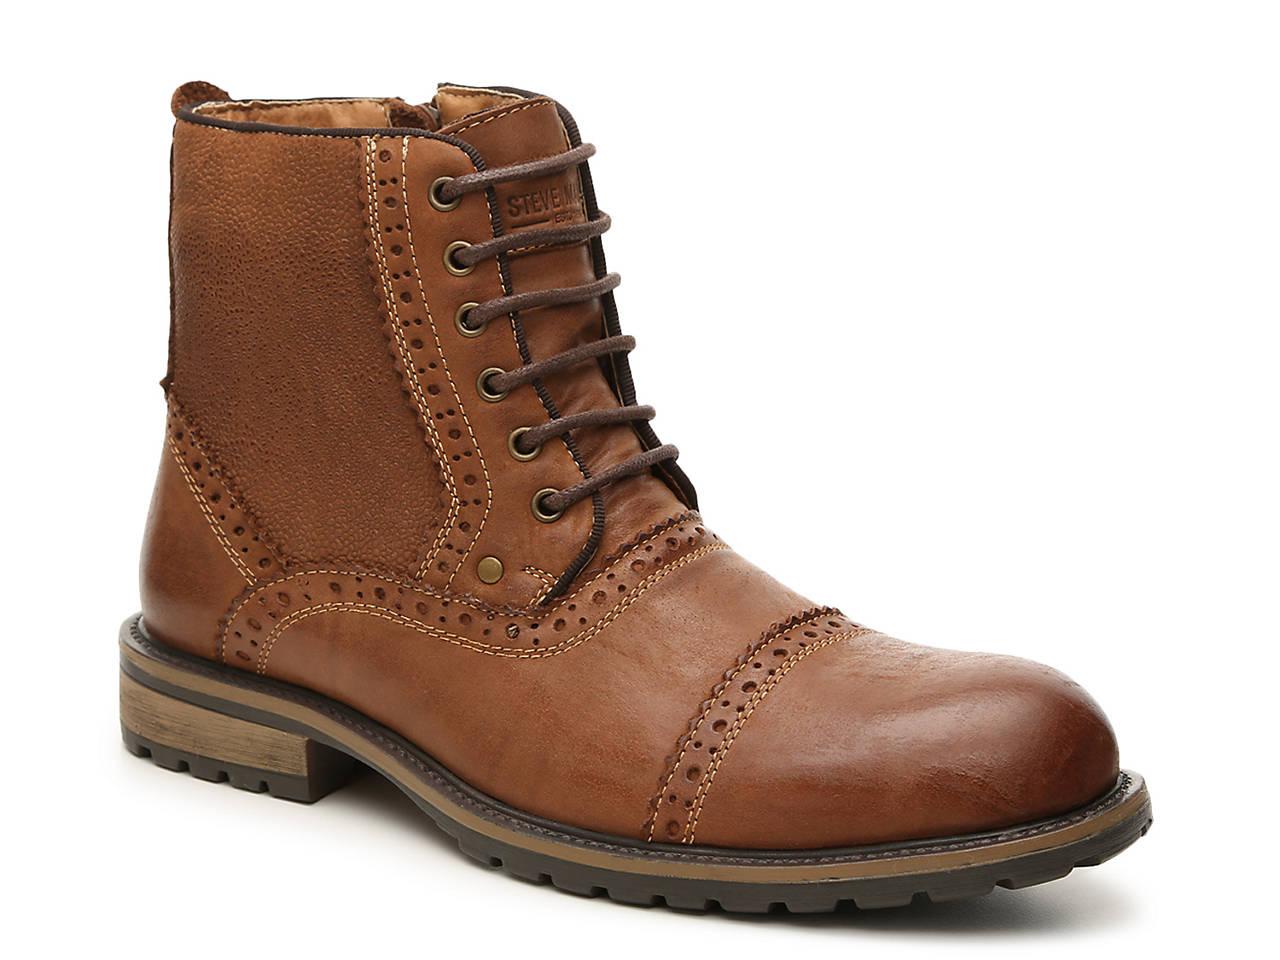 Steve Madden Settler Cap Toe Leather Boot Websites rh9MyTZD